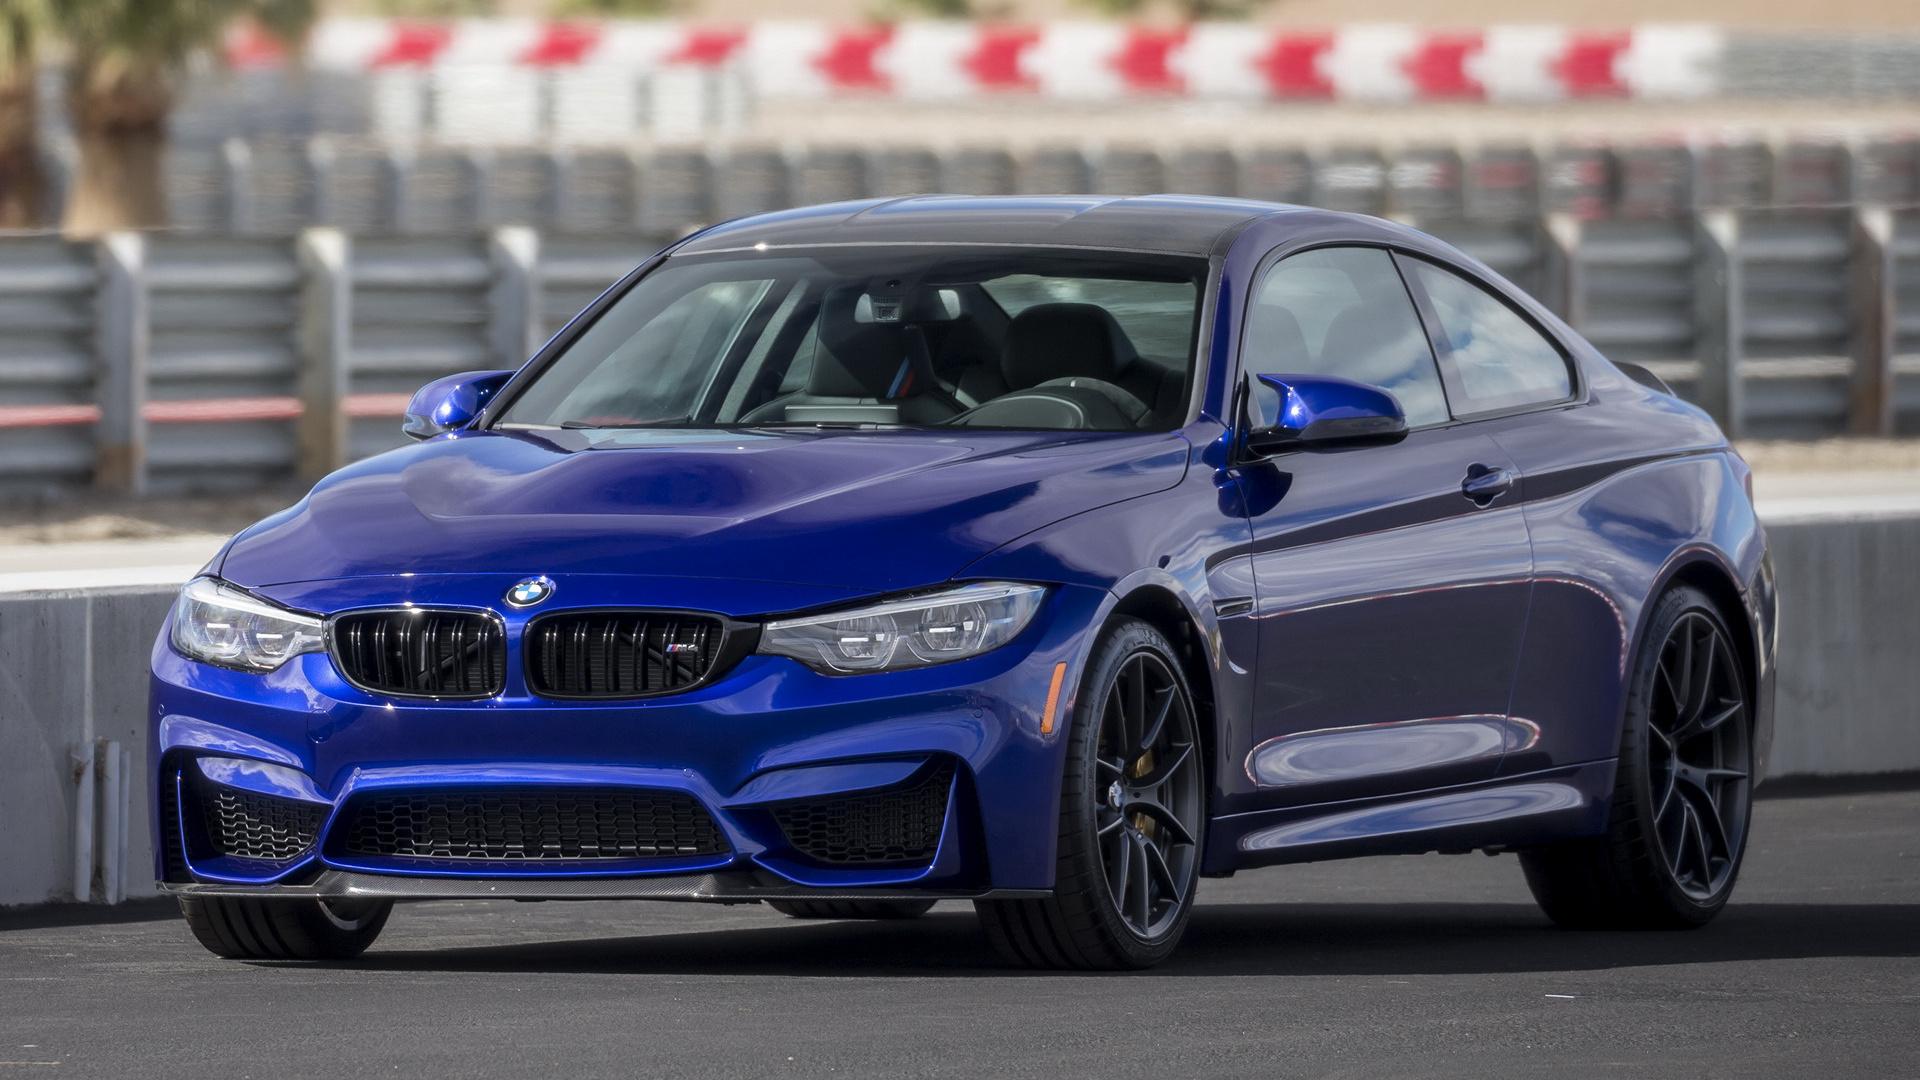 2018 BMW M4 CS Coupe (US) - Fonds d'écran et images HD ...